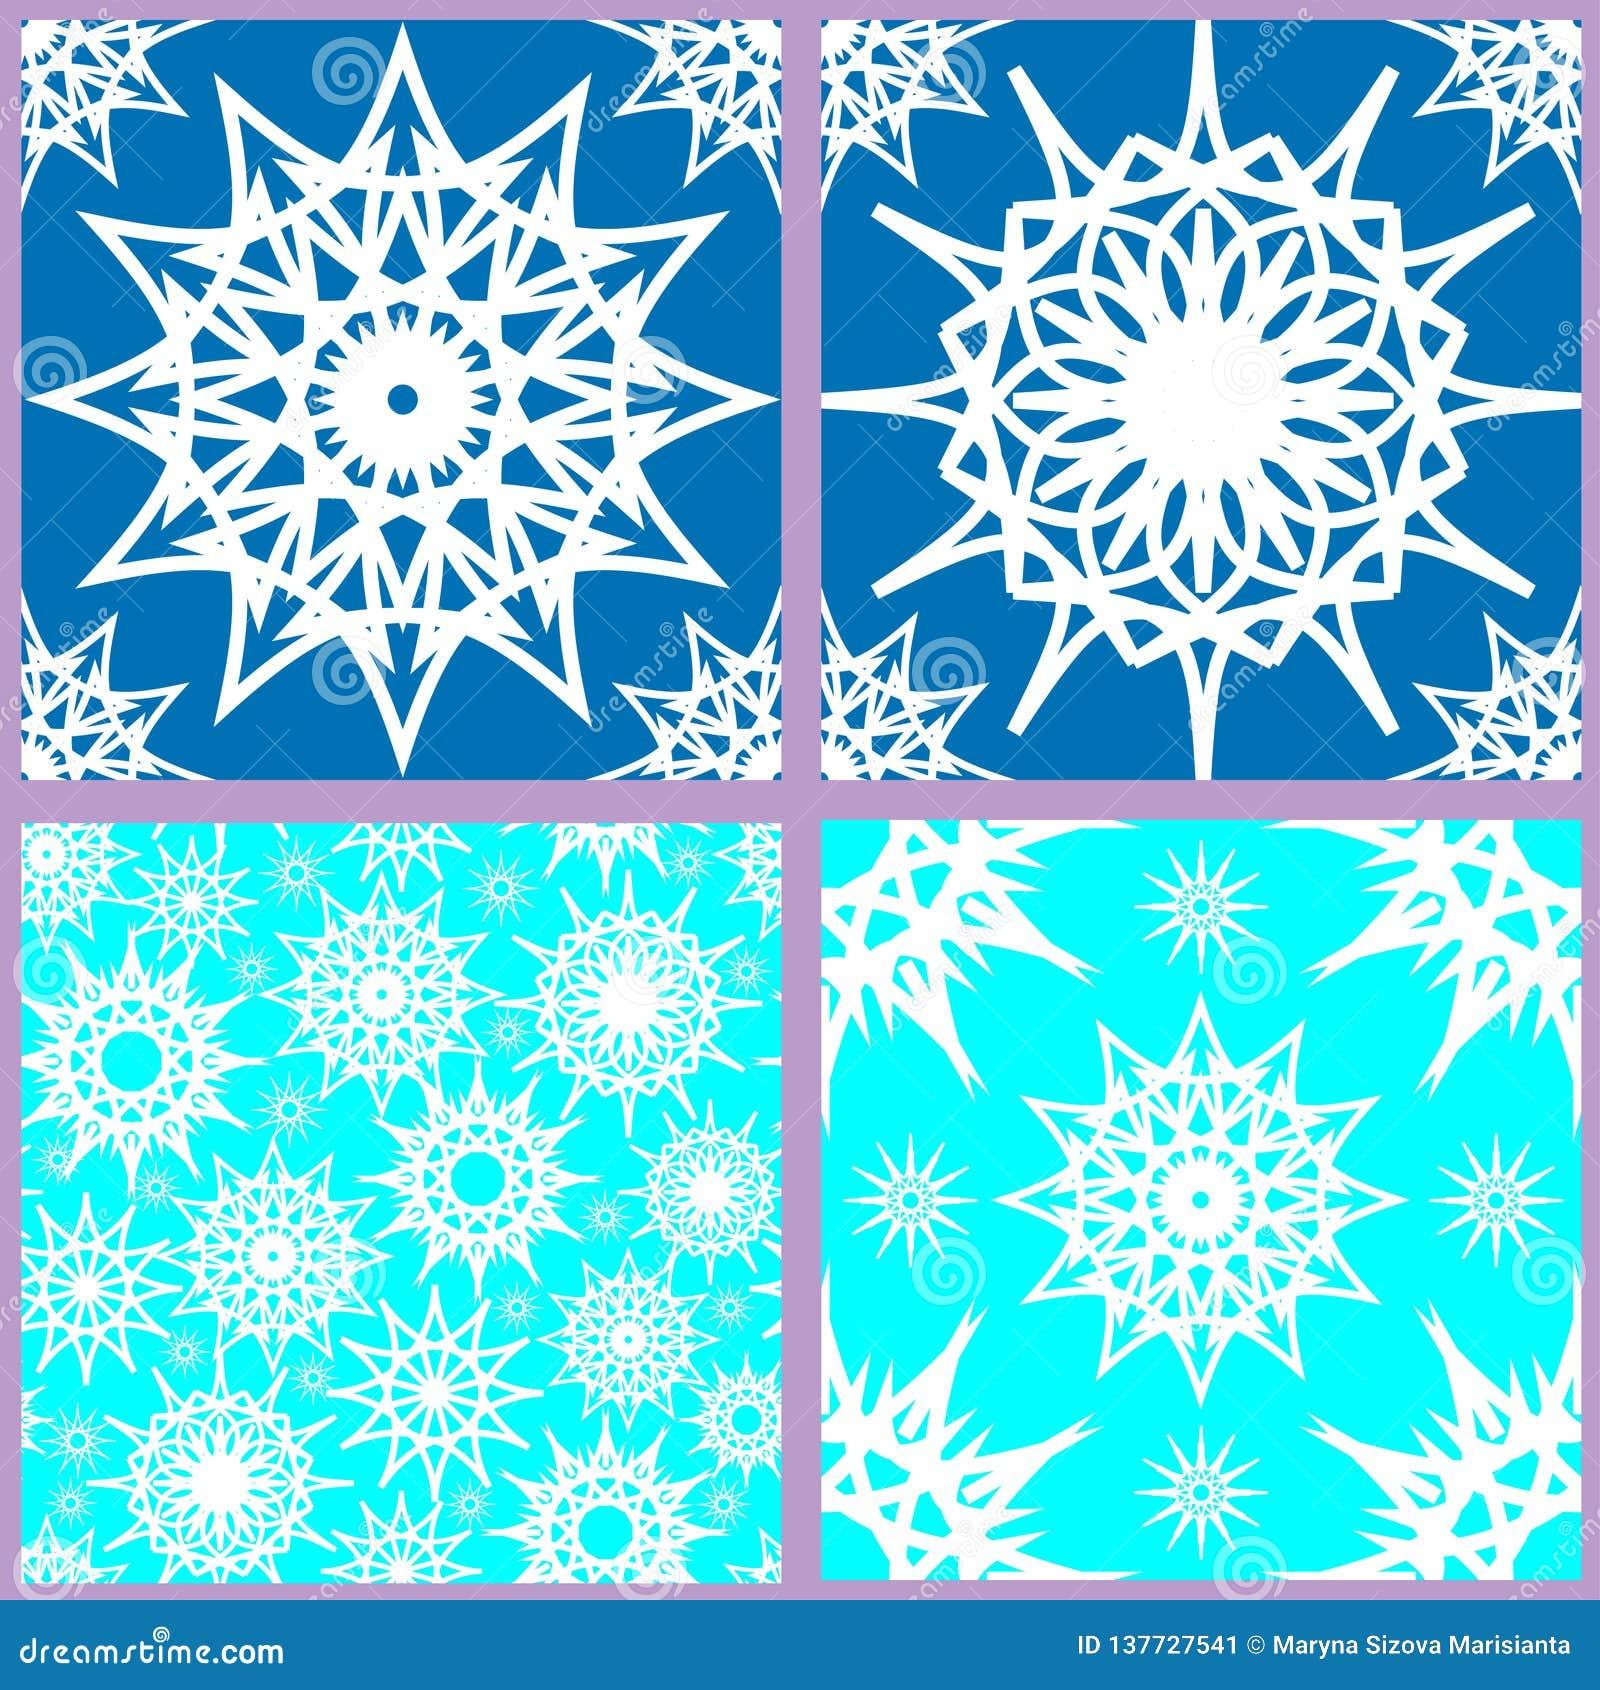 Set of seamless snowflake patterns